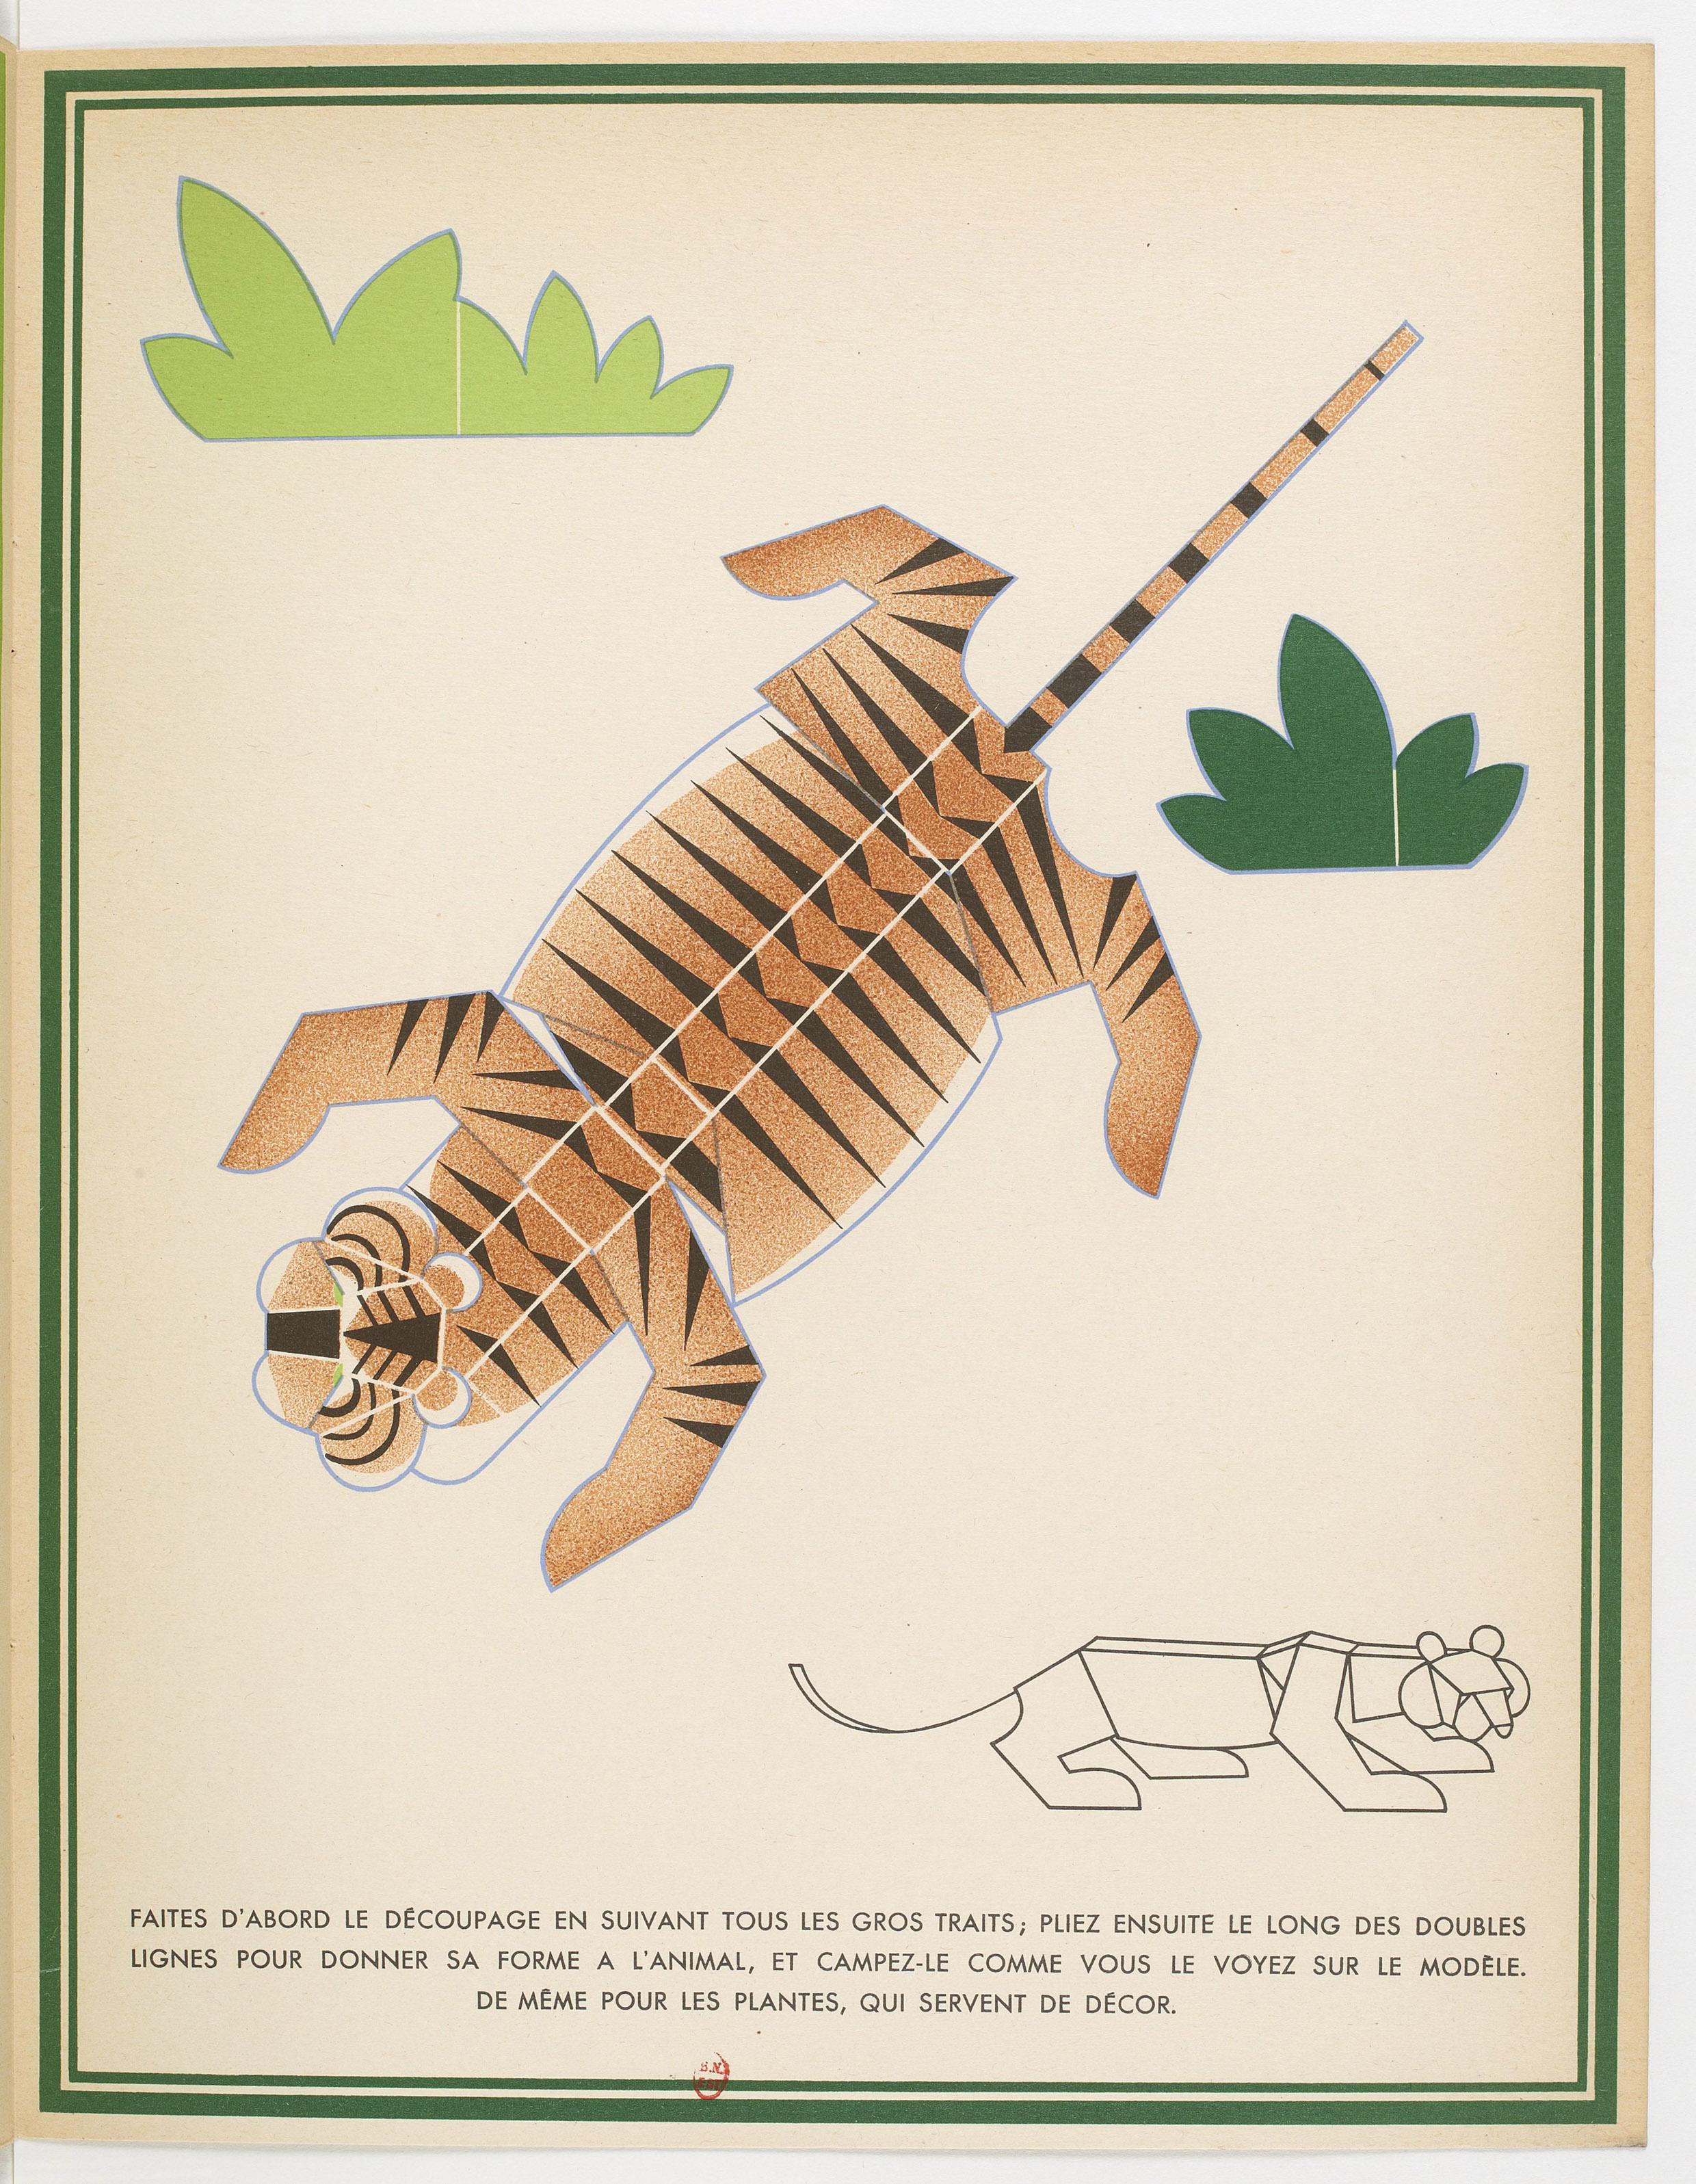 La Jungle chez moi : Le tigre à découper